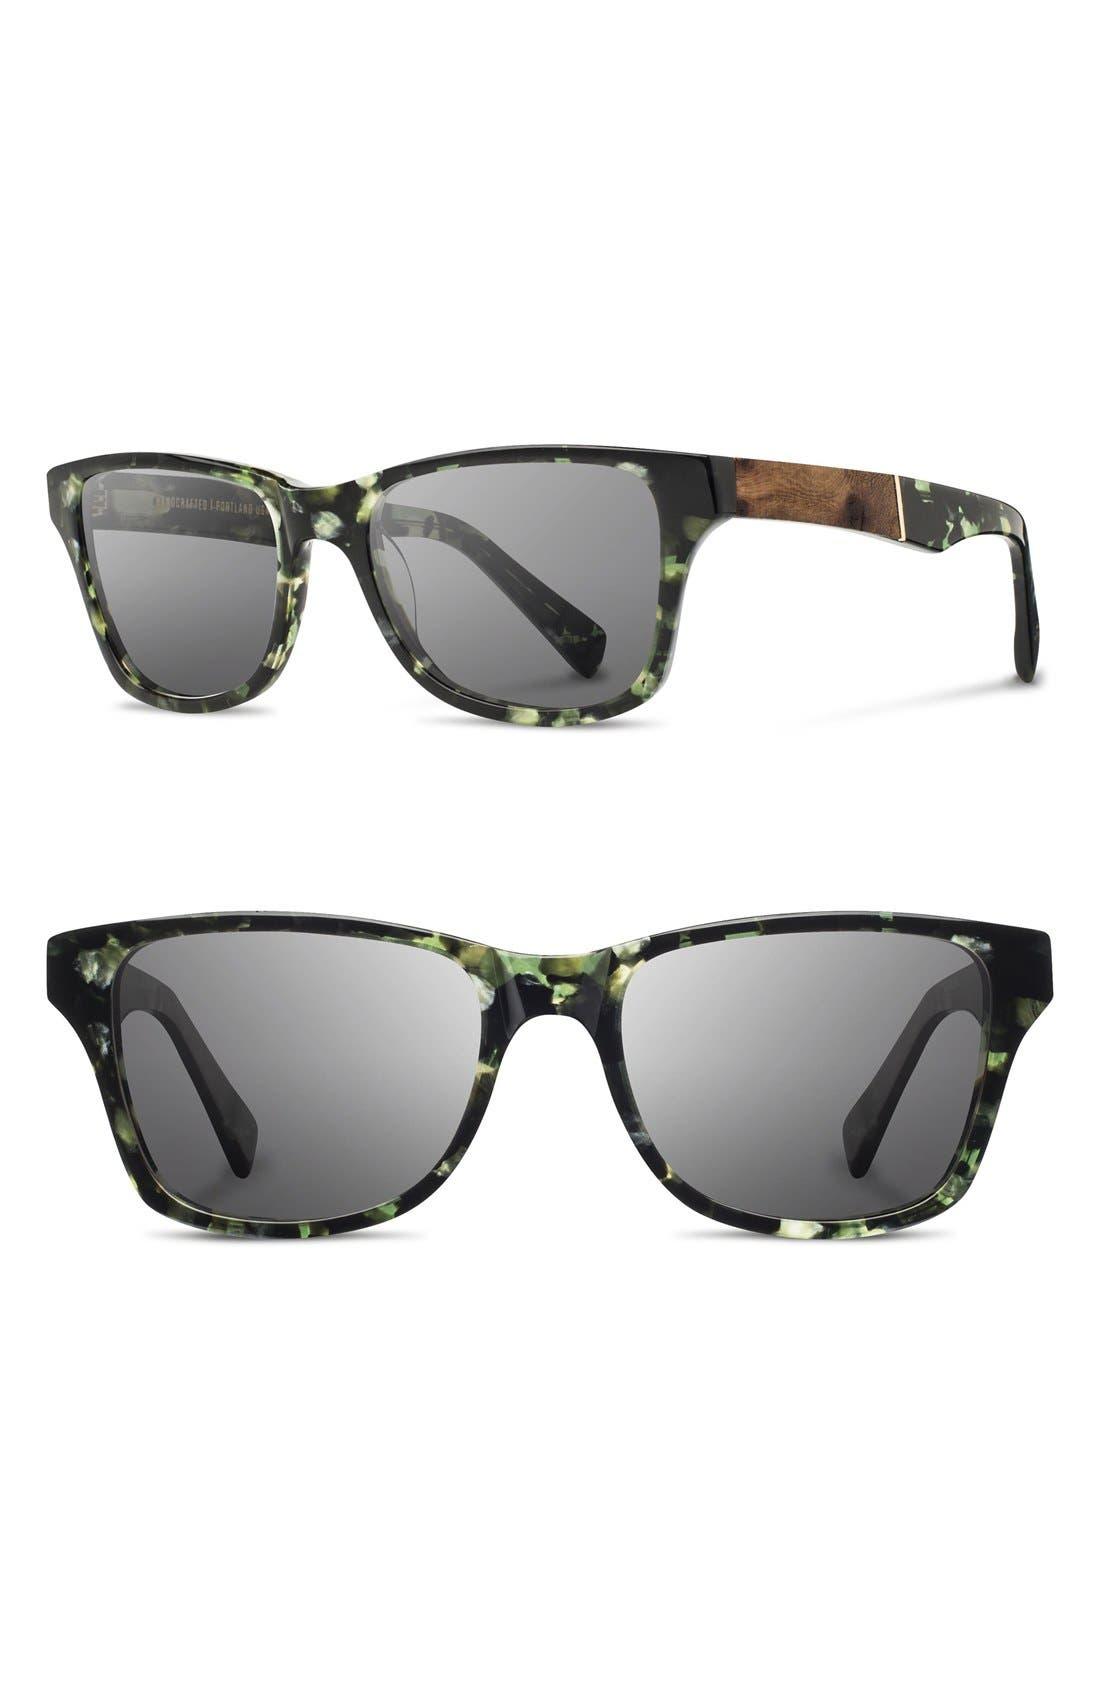 Polarized Wood Inlay Sunglasses,                             Main thumbnail 1, color,                             Darkforest/ Elm/ Grey Polar